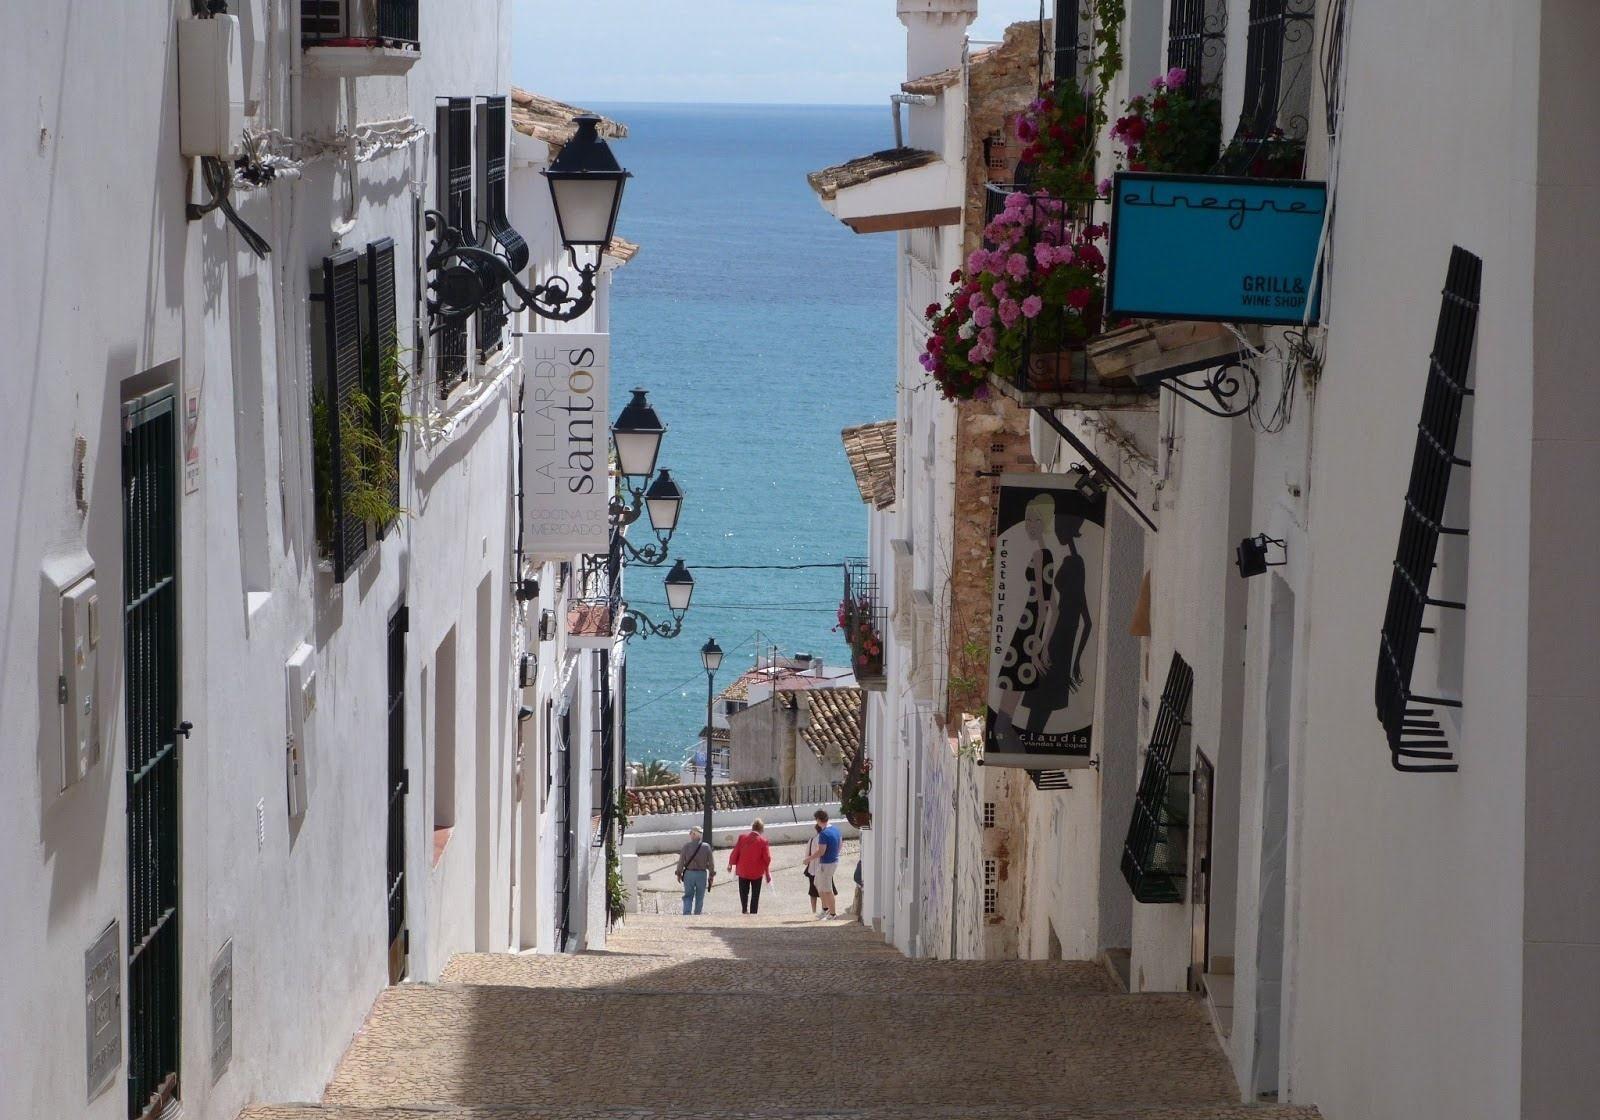 ALTEA - Calle típica de Altea (Alicante-Spagna)